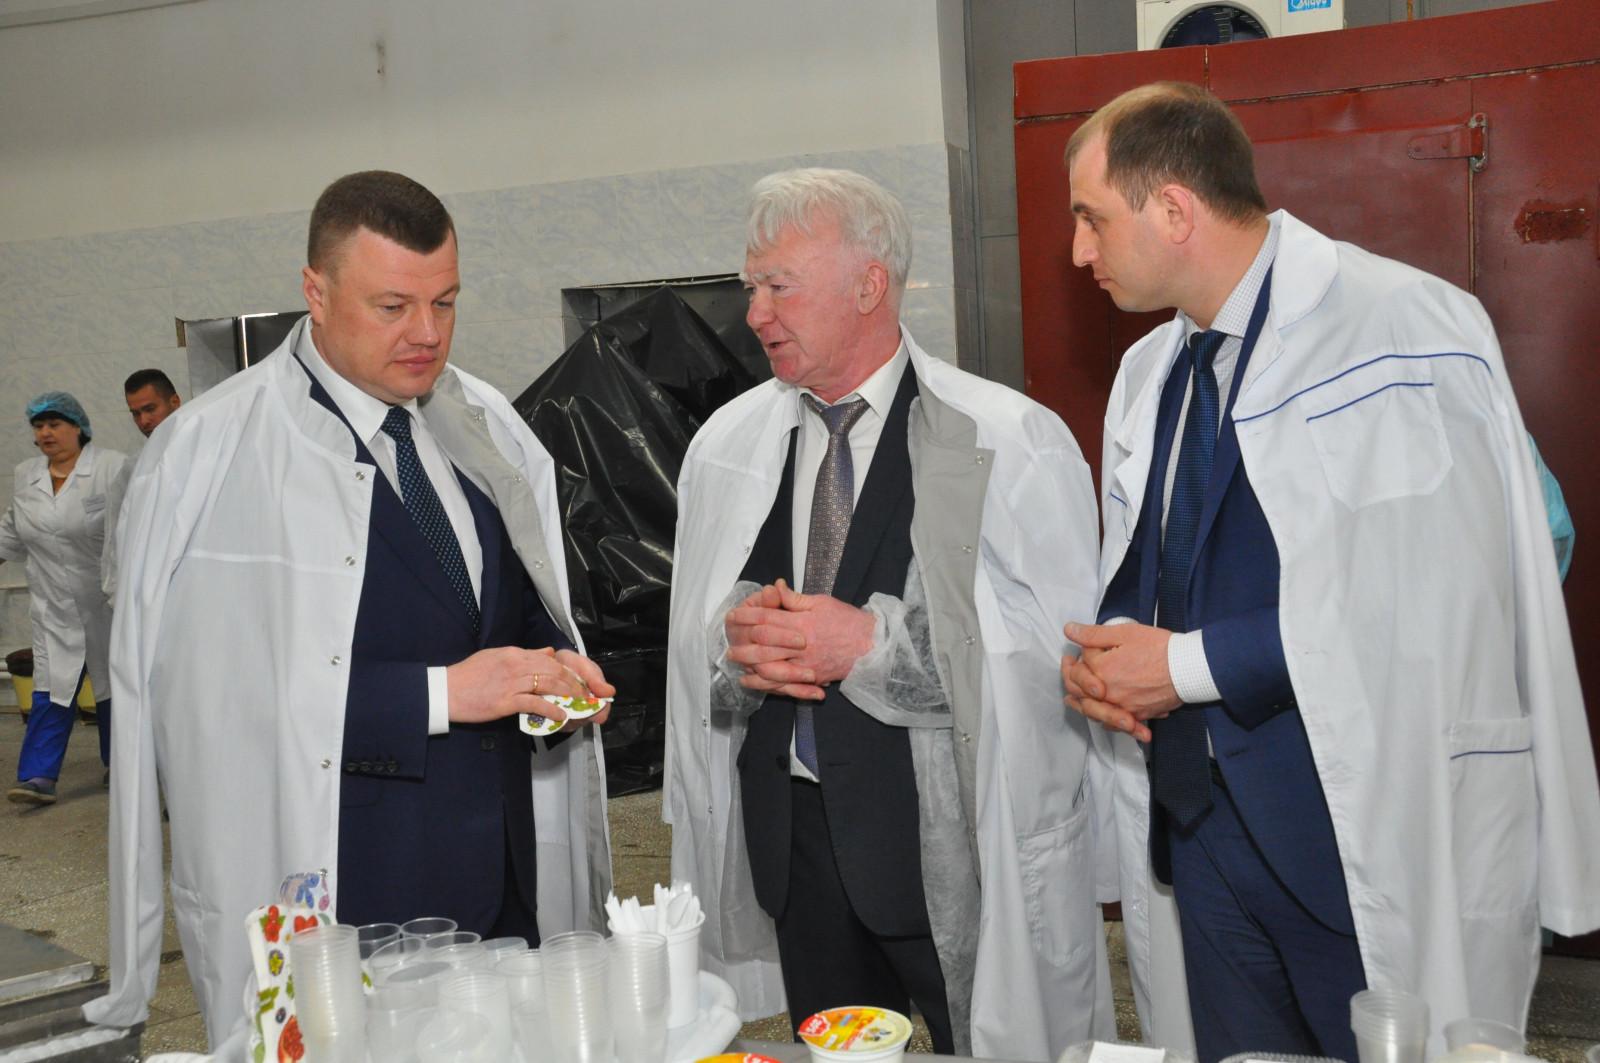 Губернатор Александр Никитин встречает свой день рождения на федеральном мероприятии